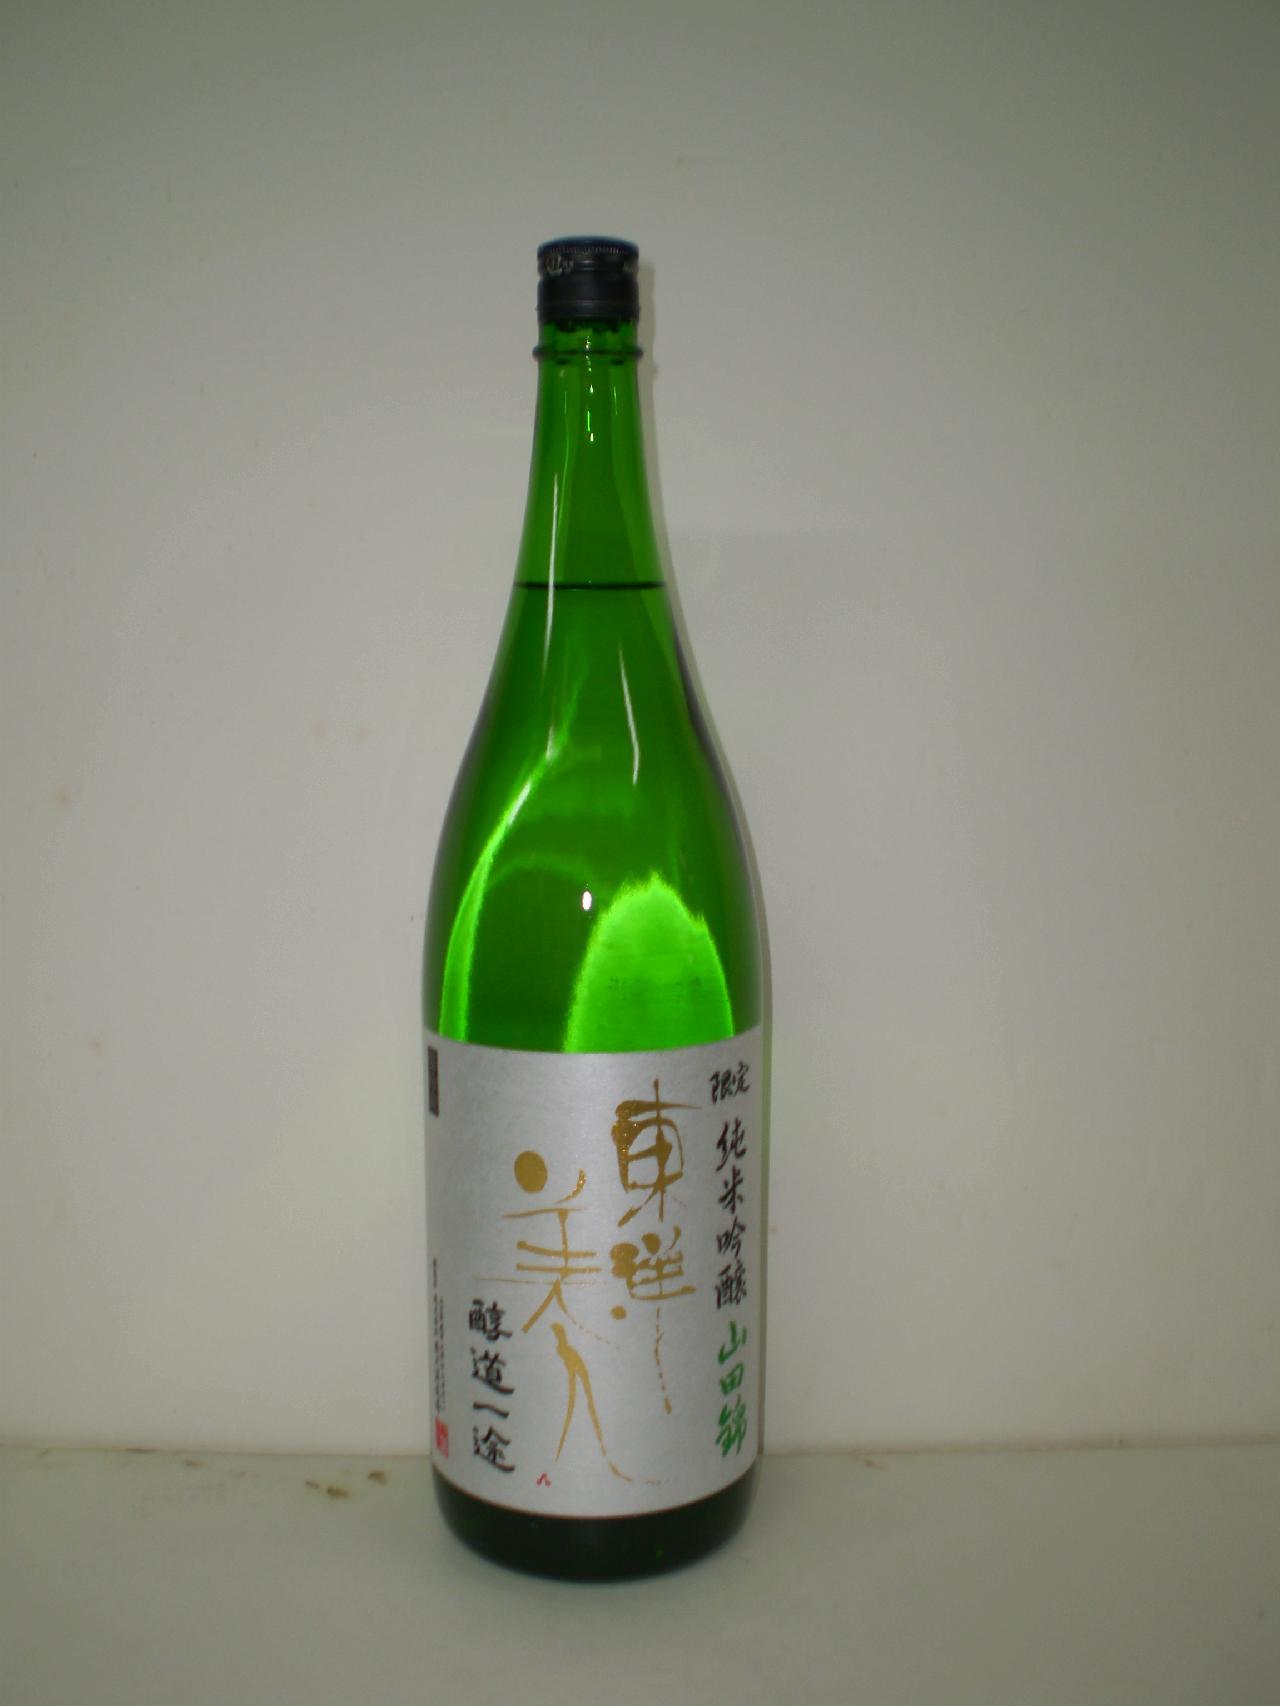 東洋美人 純米吟醸 山田錦 1800ml 澄川酒造場